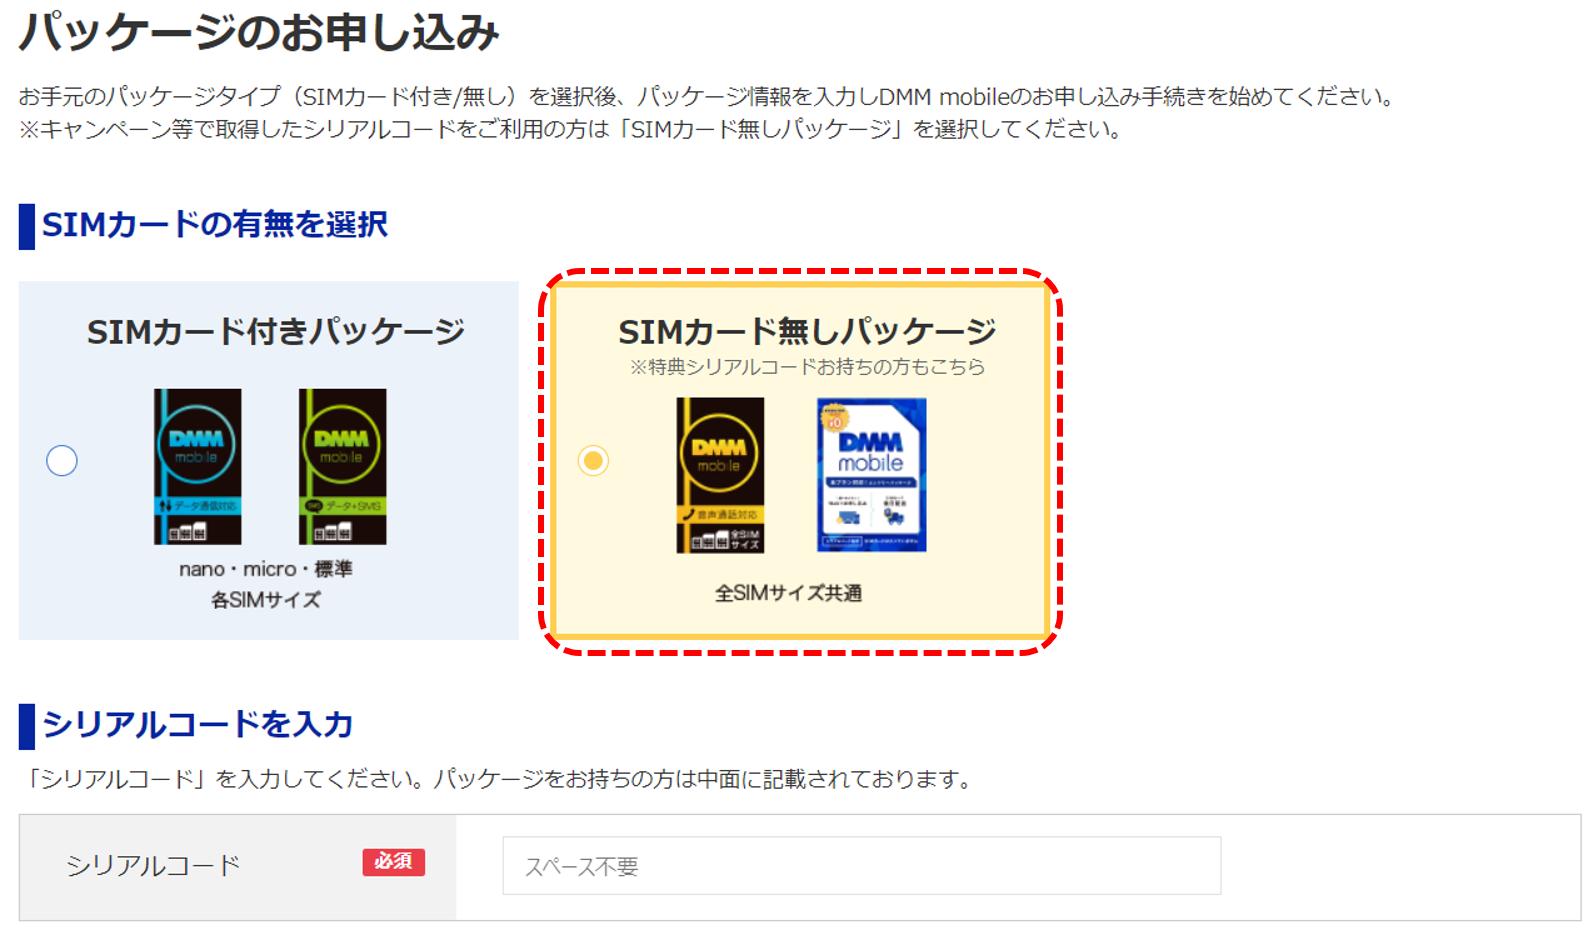 SIMカードの有無を選択するところの「SIMカード無しパッケージ」を選択